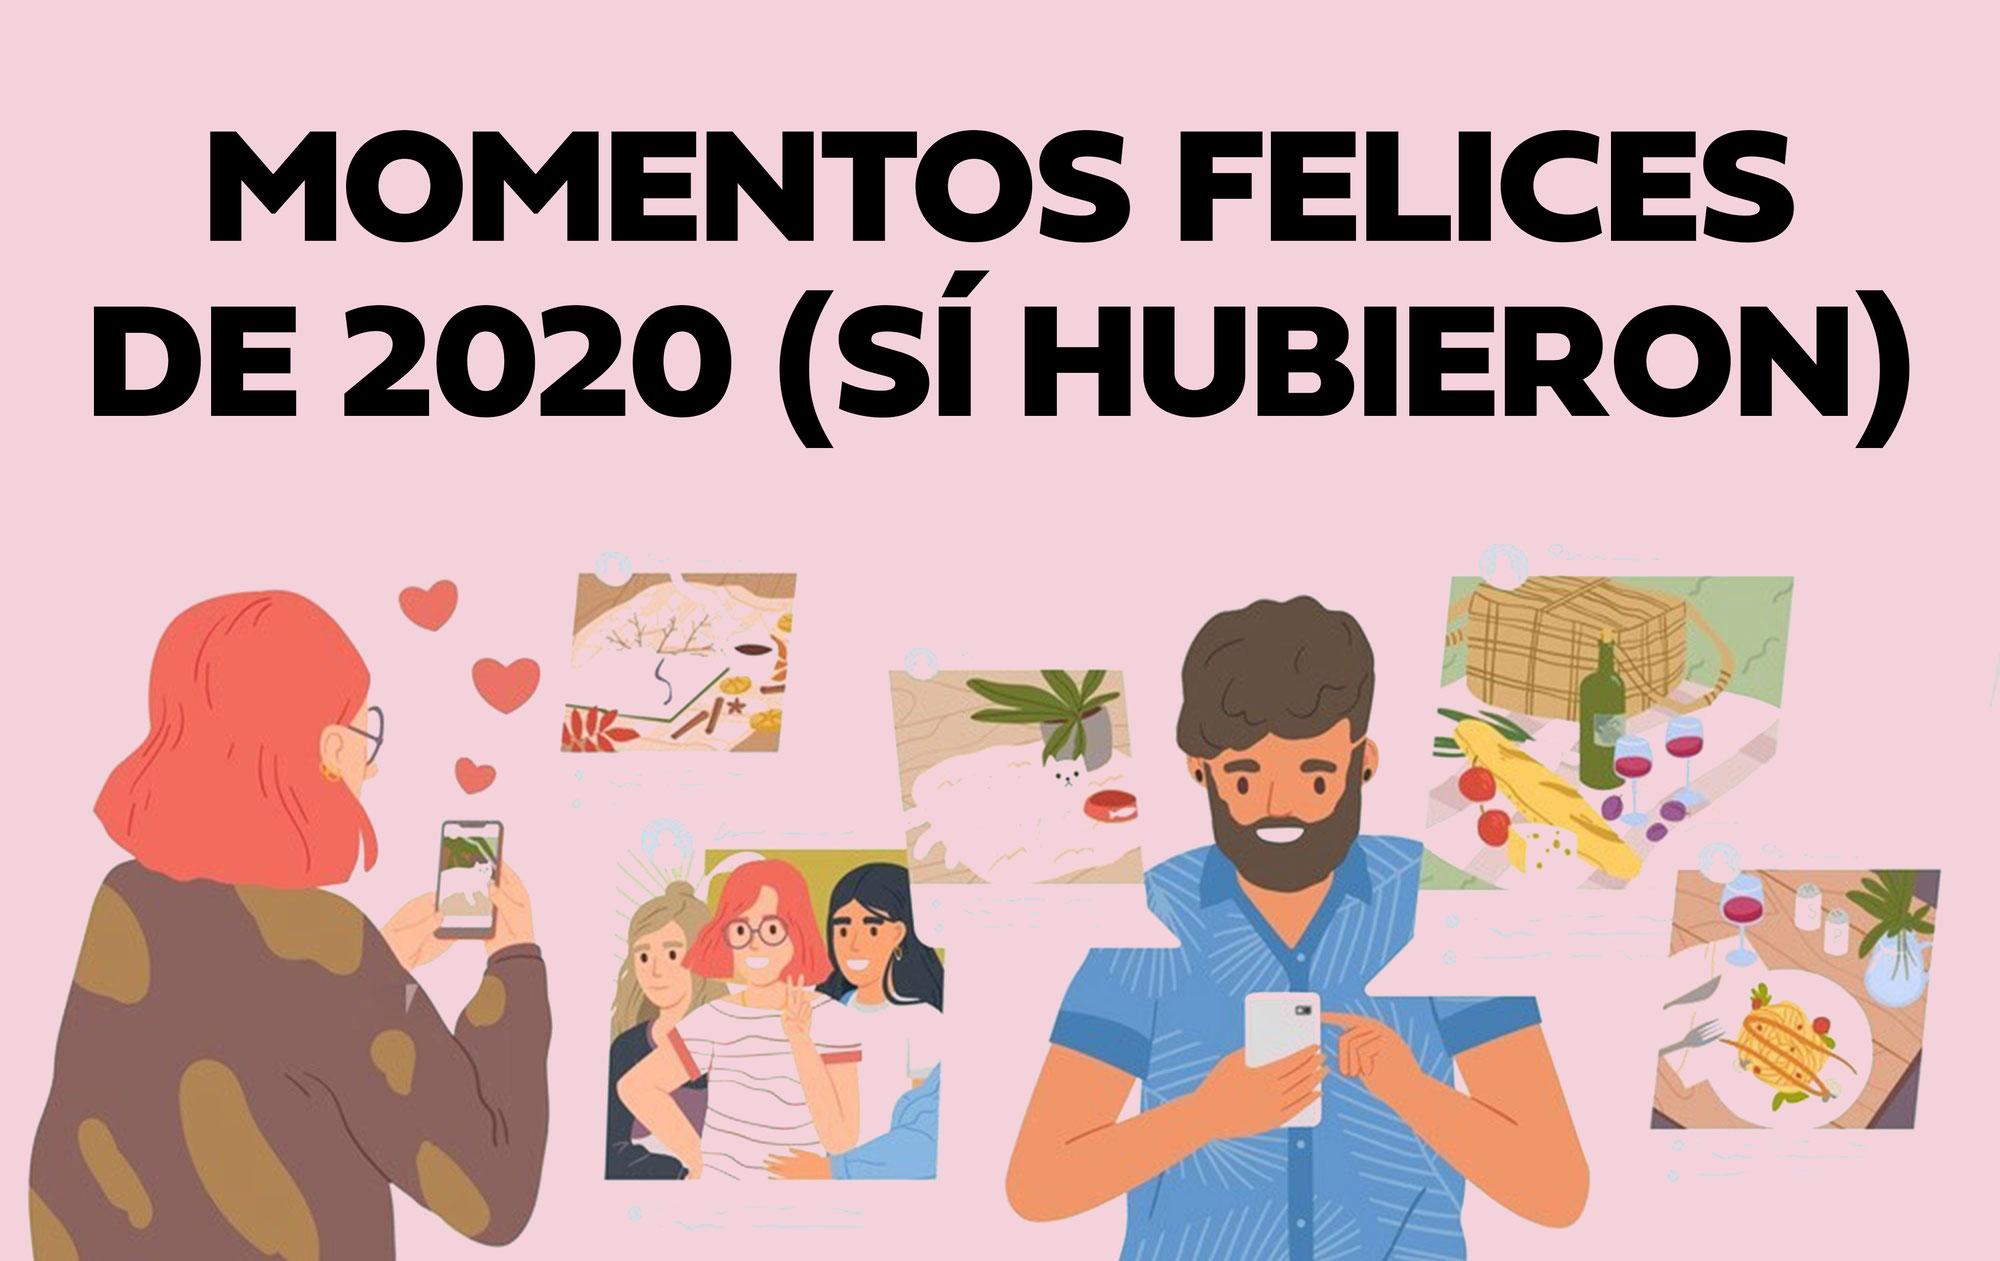 Momentos felices de 2020